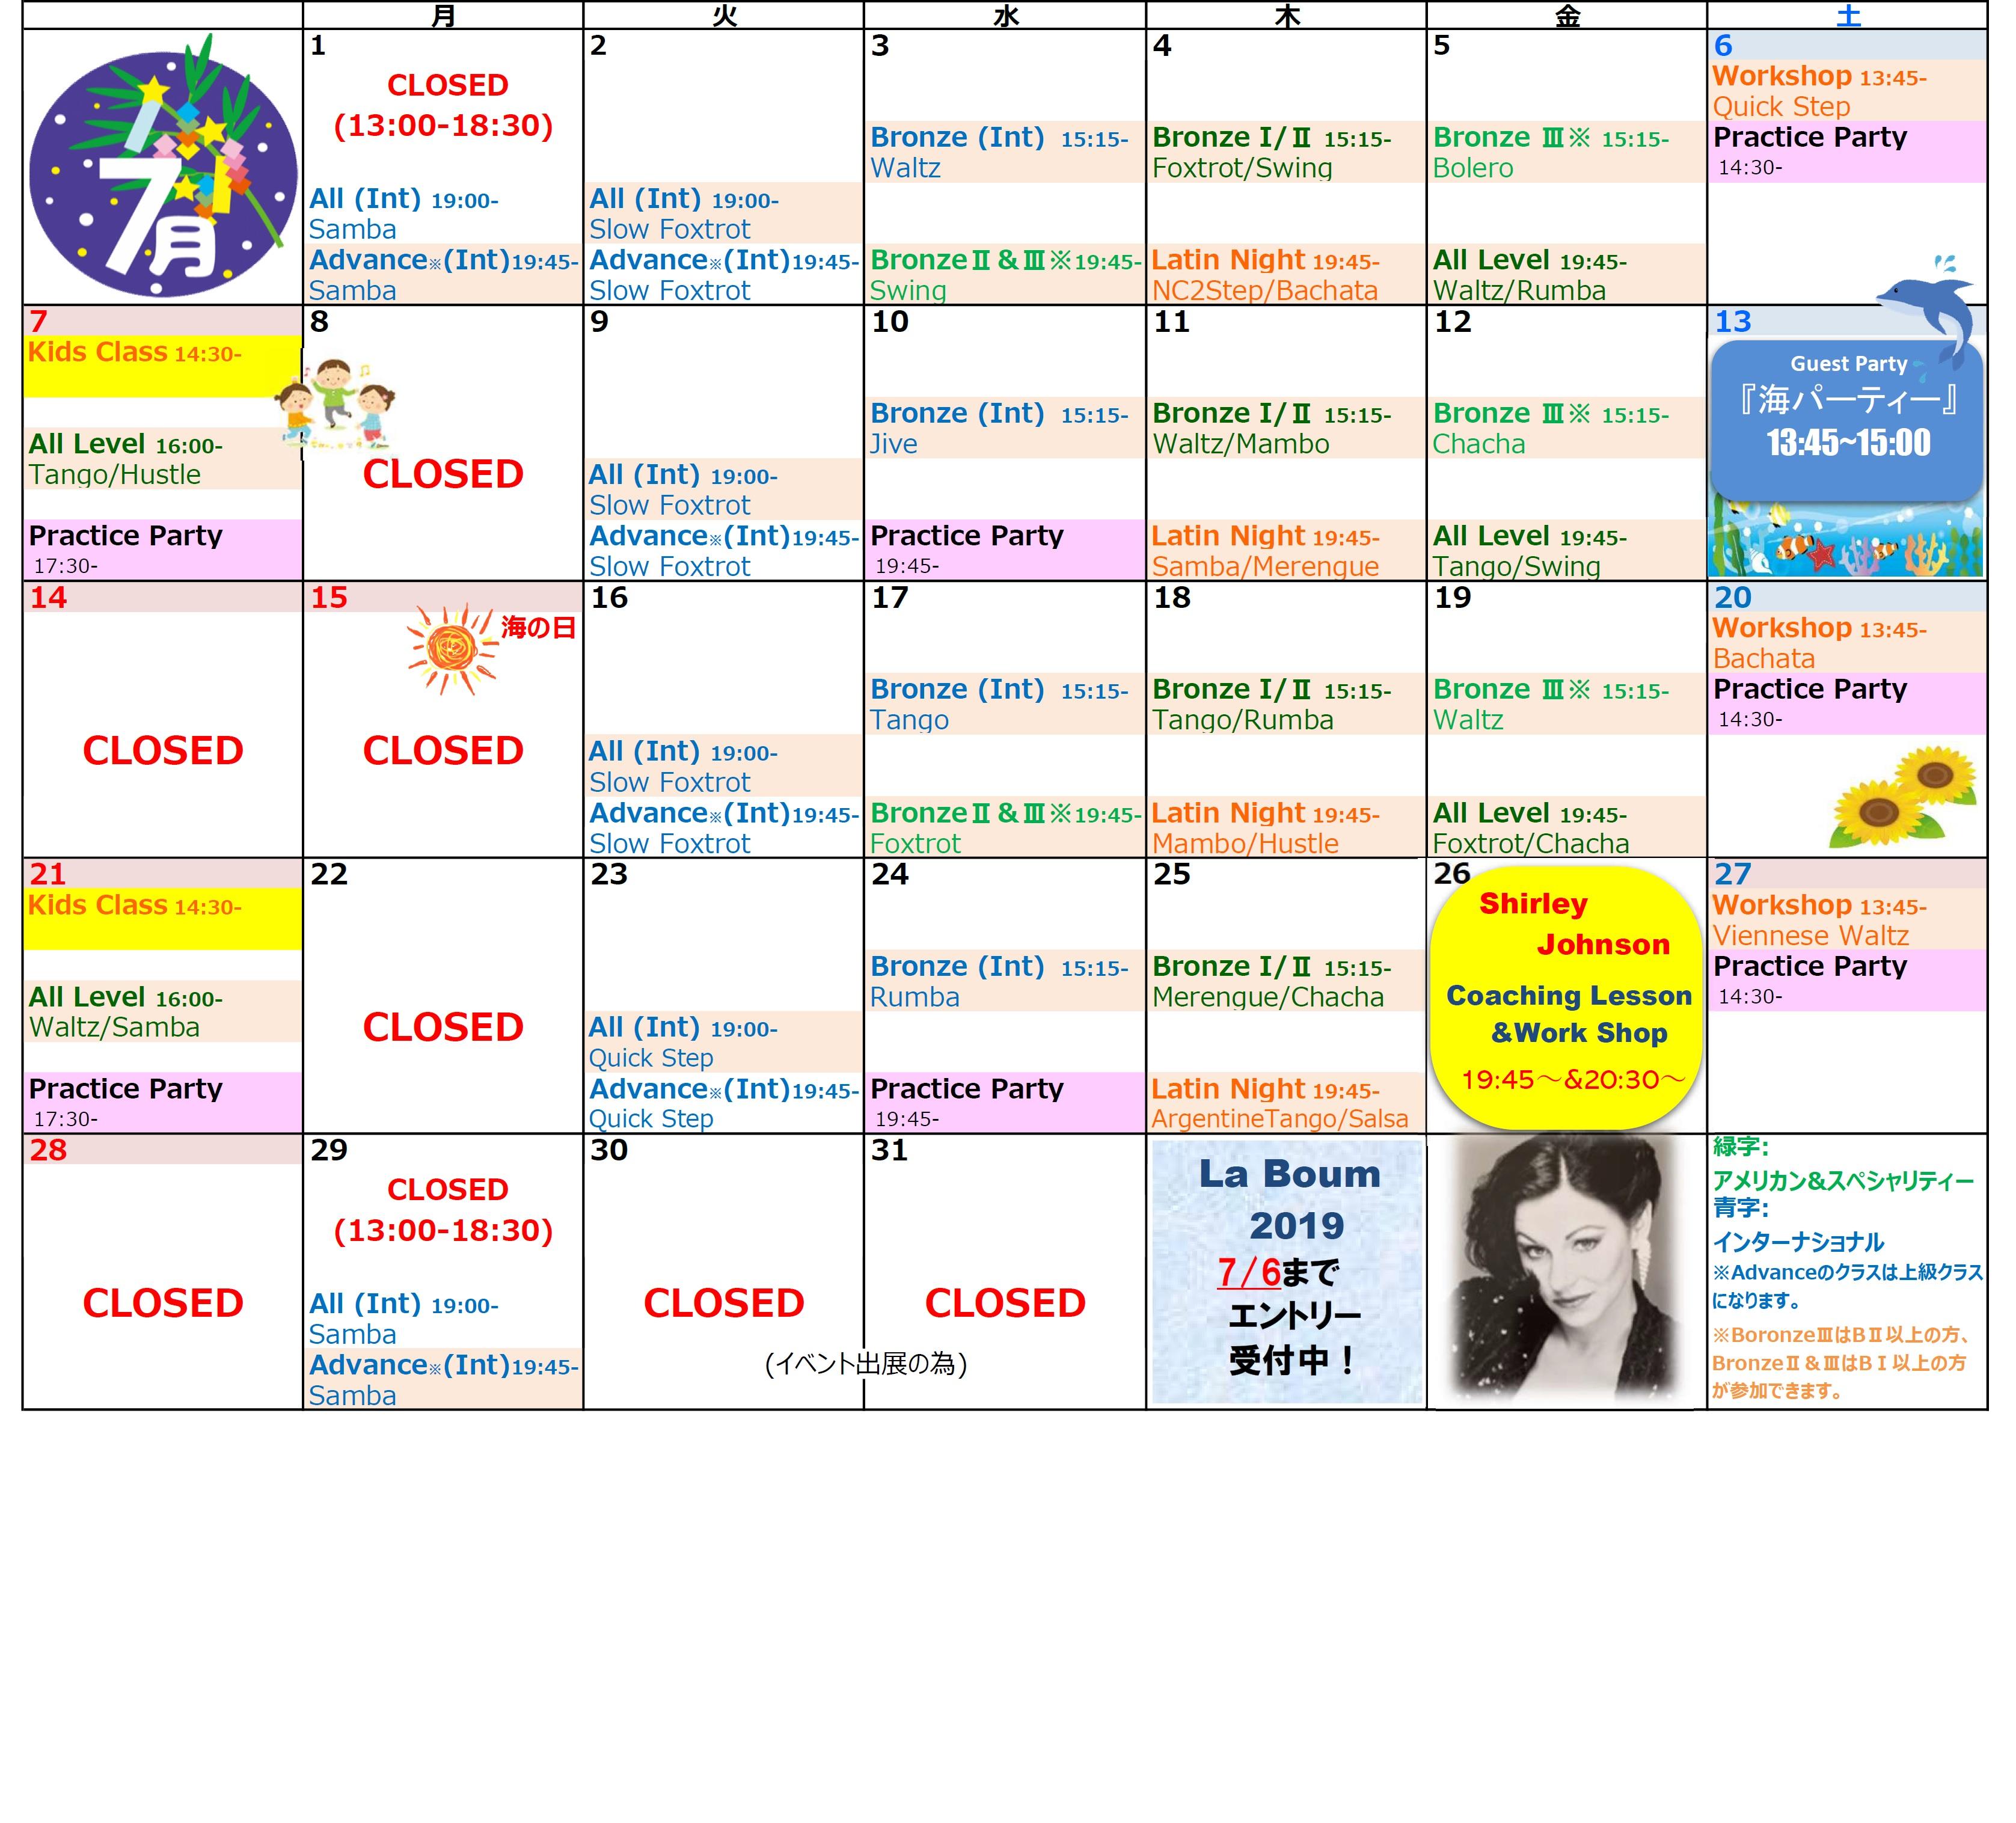 2019年7月スケジュール 2019.7 Schedule